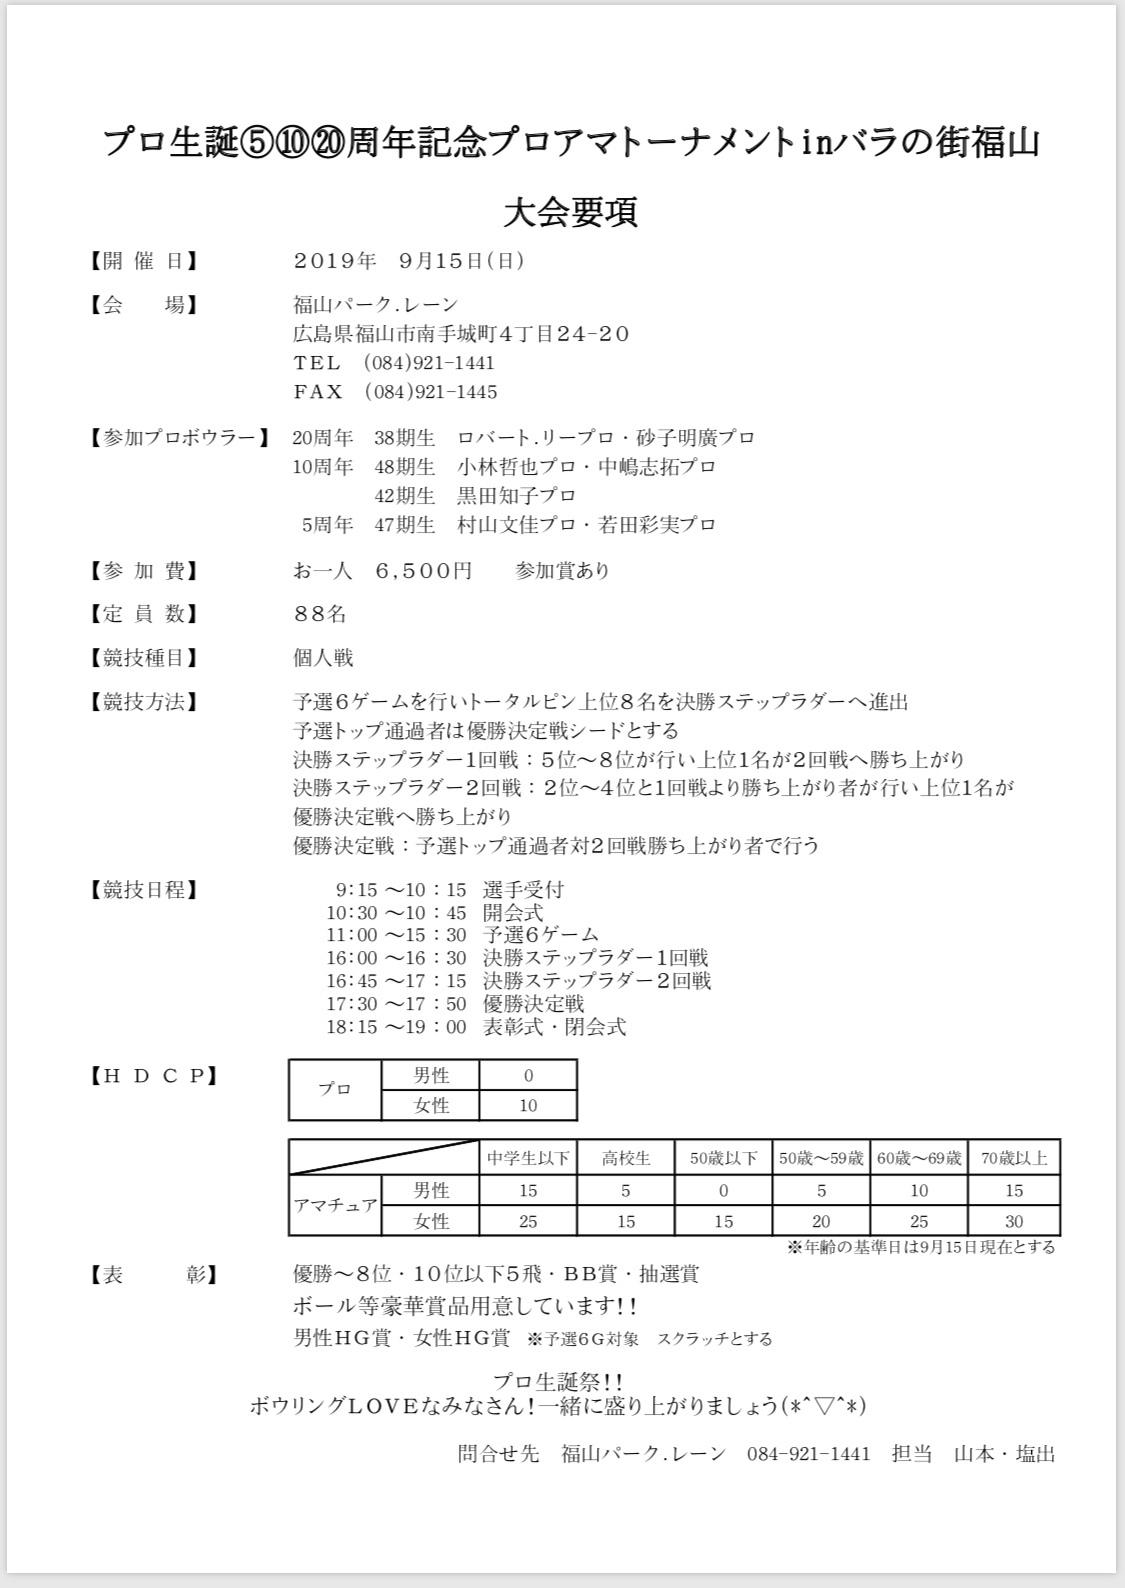 7DD563E7-88BA-4E74-96AF-24F4585A45FC.jpeg